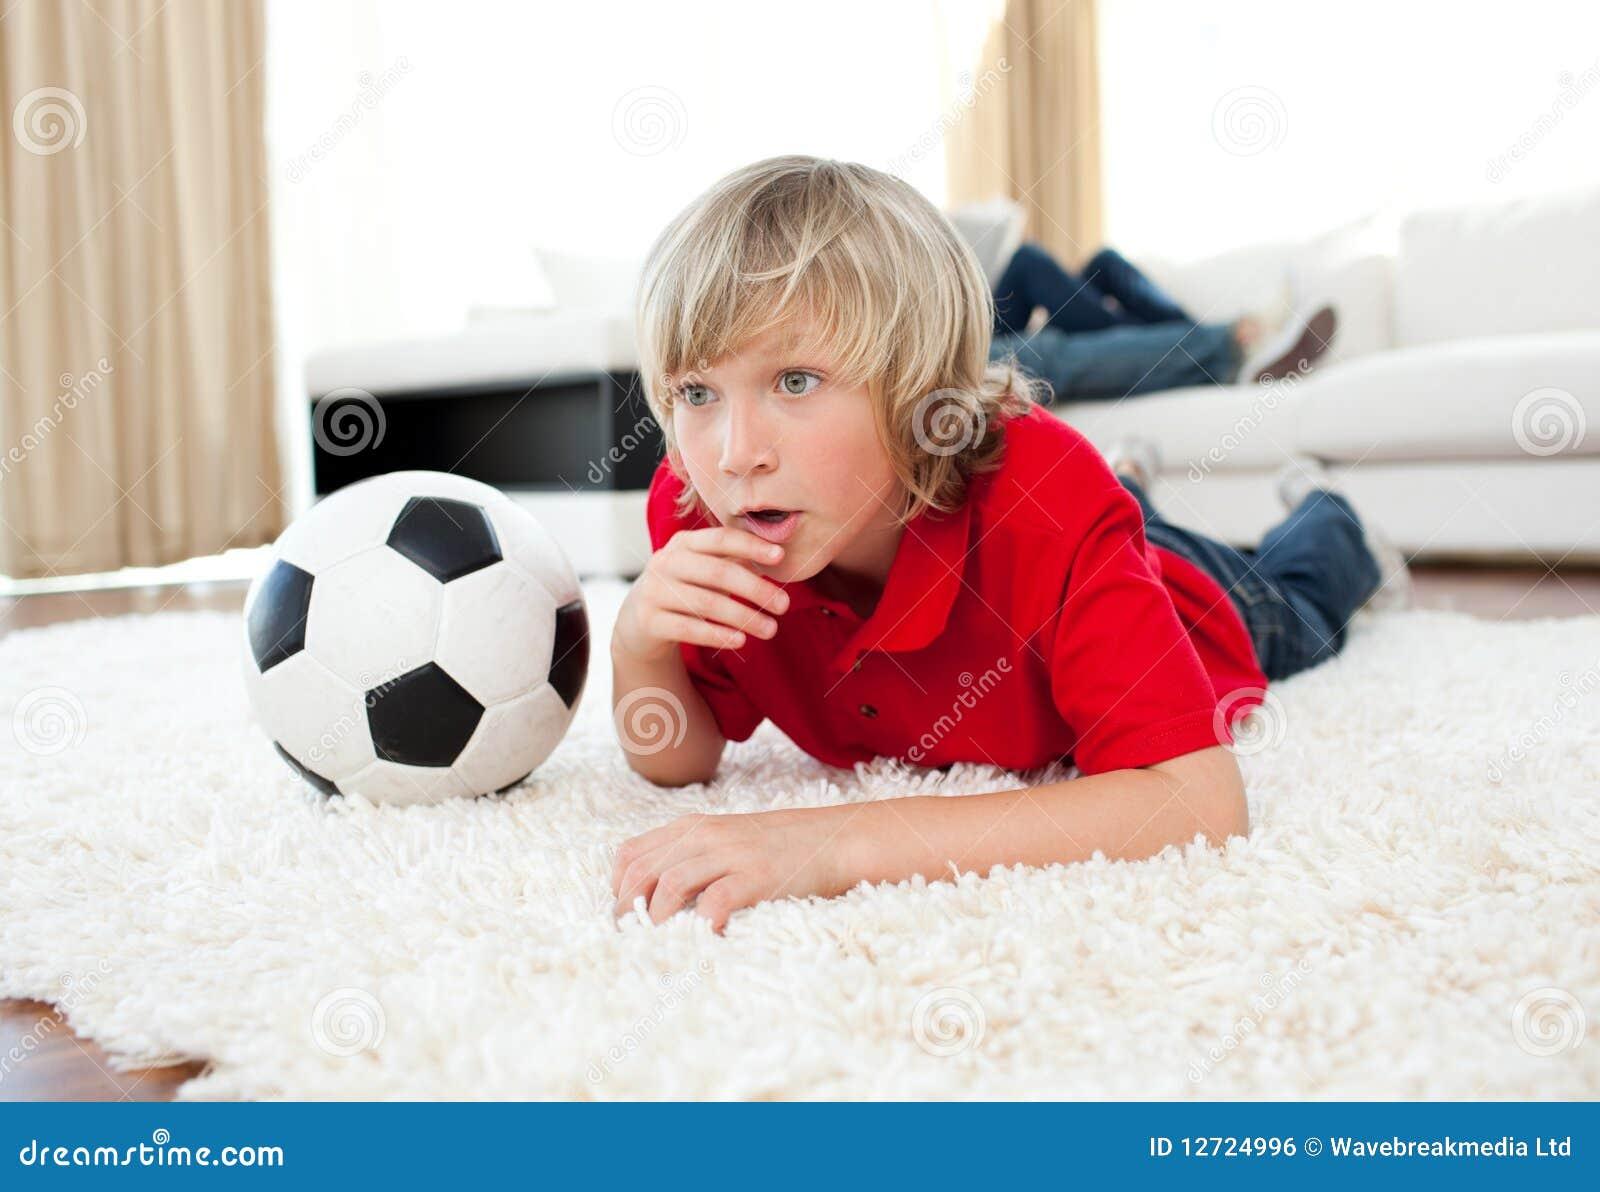 男孩楼层橄榄球位于的符合注意